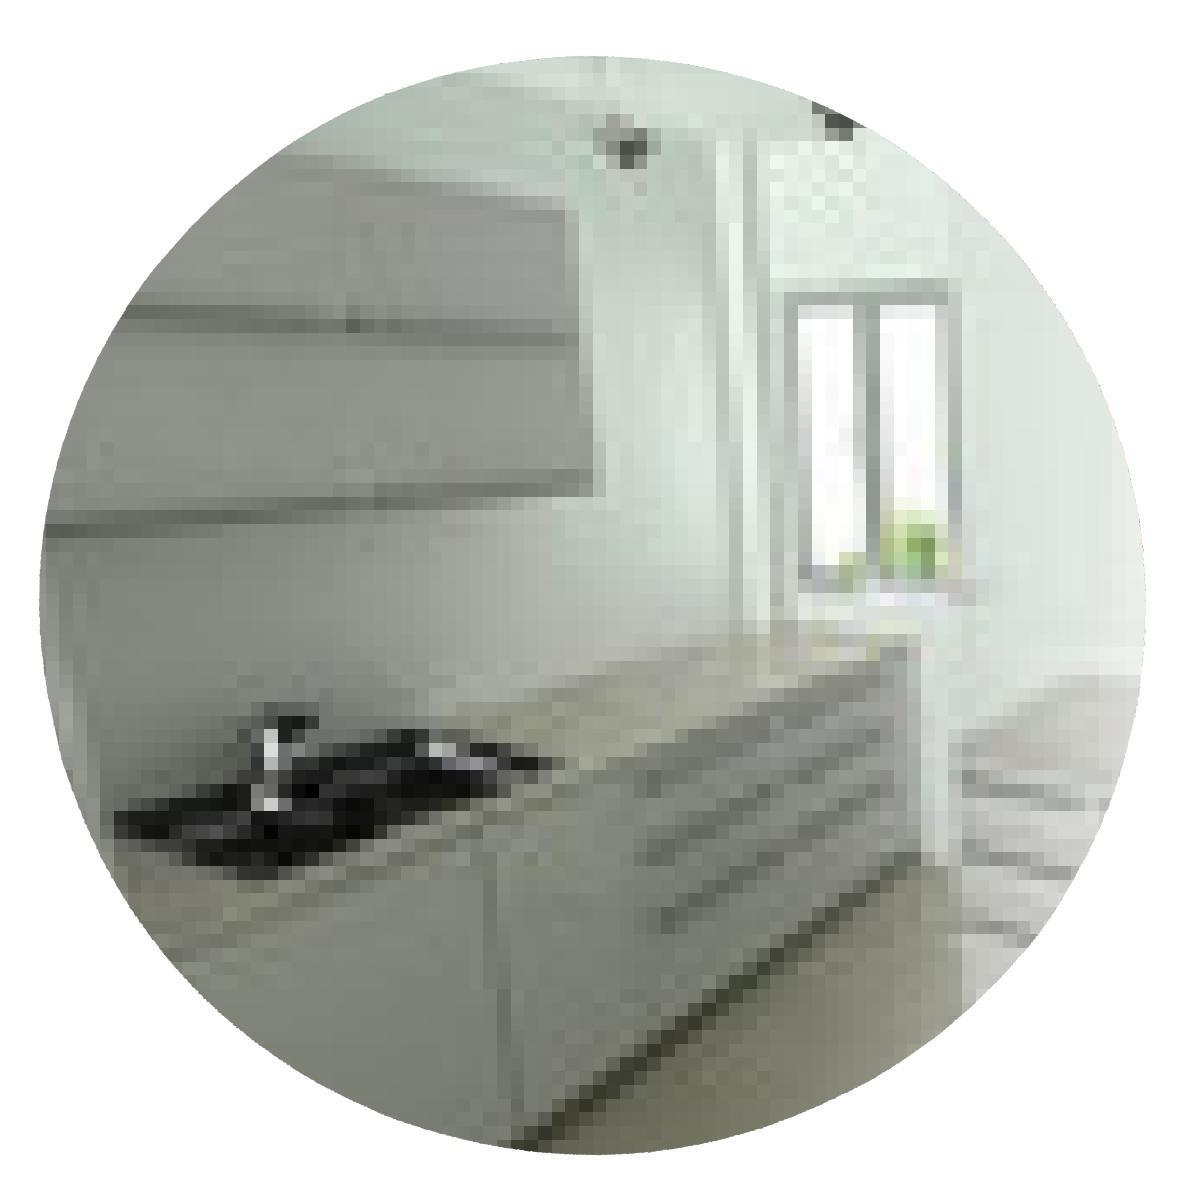 Cucina, Appartamento, Rendering 3d progetto, interni: Amazon ...